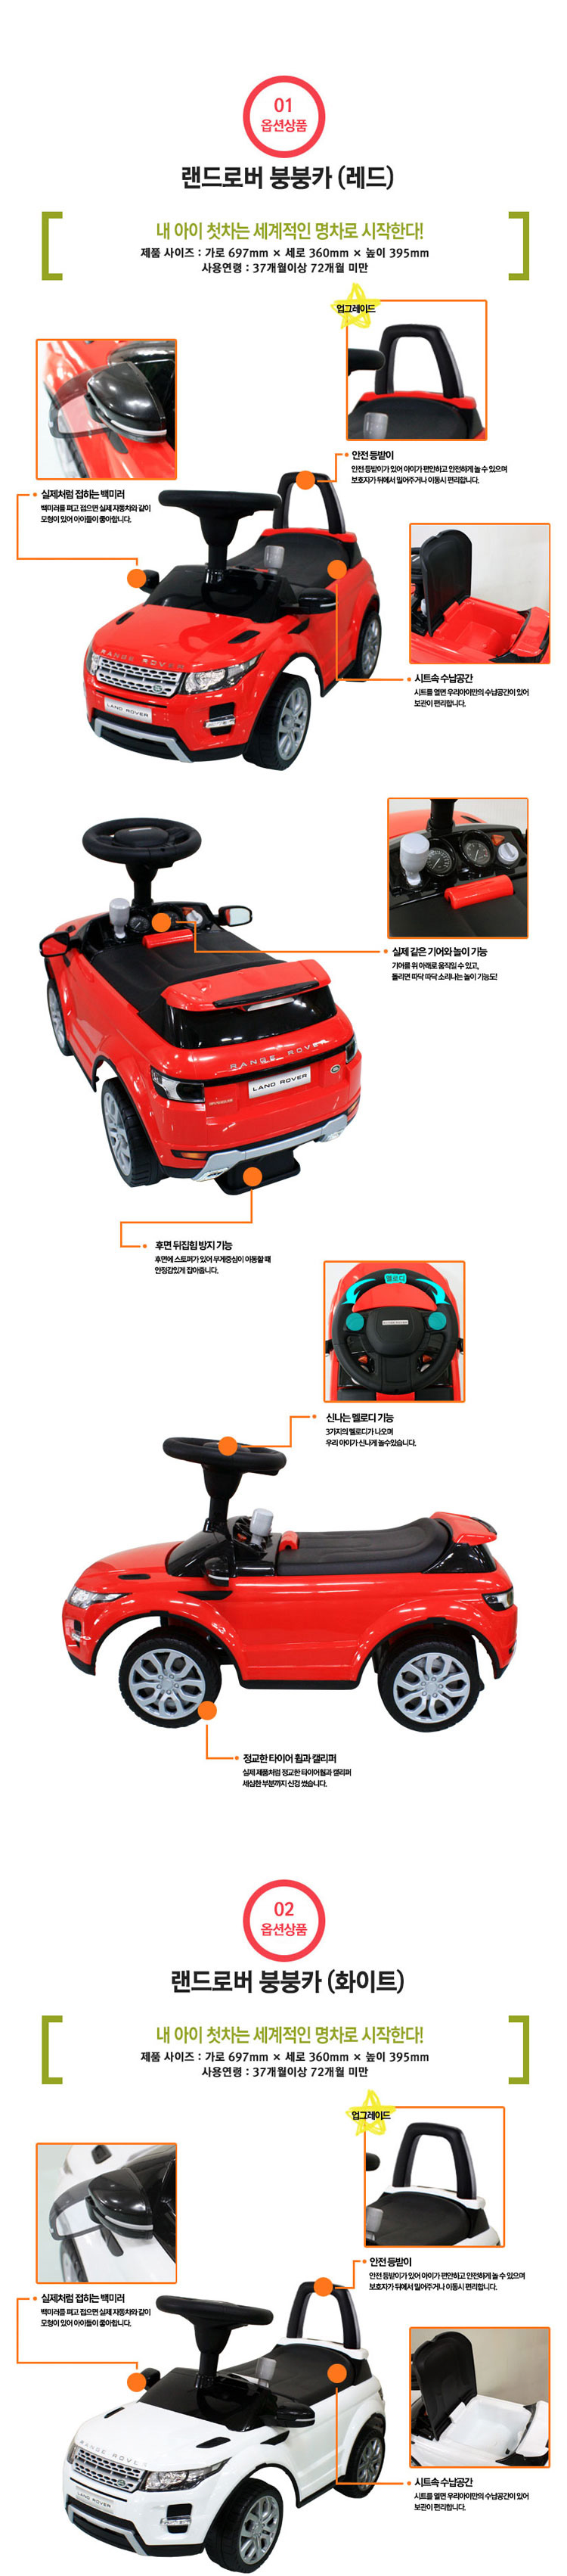 장난감자동차,전동차,붕붕카,스윙차,아동장난감,자동차